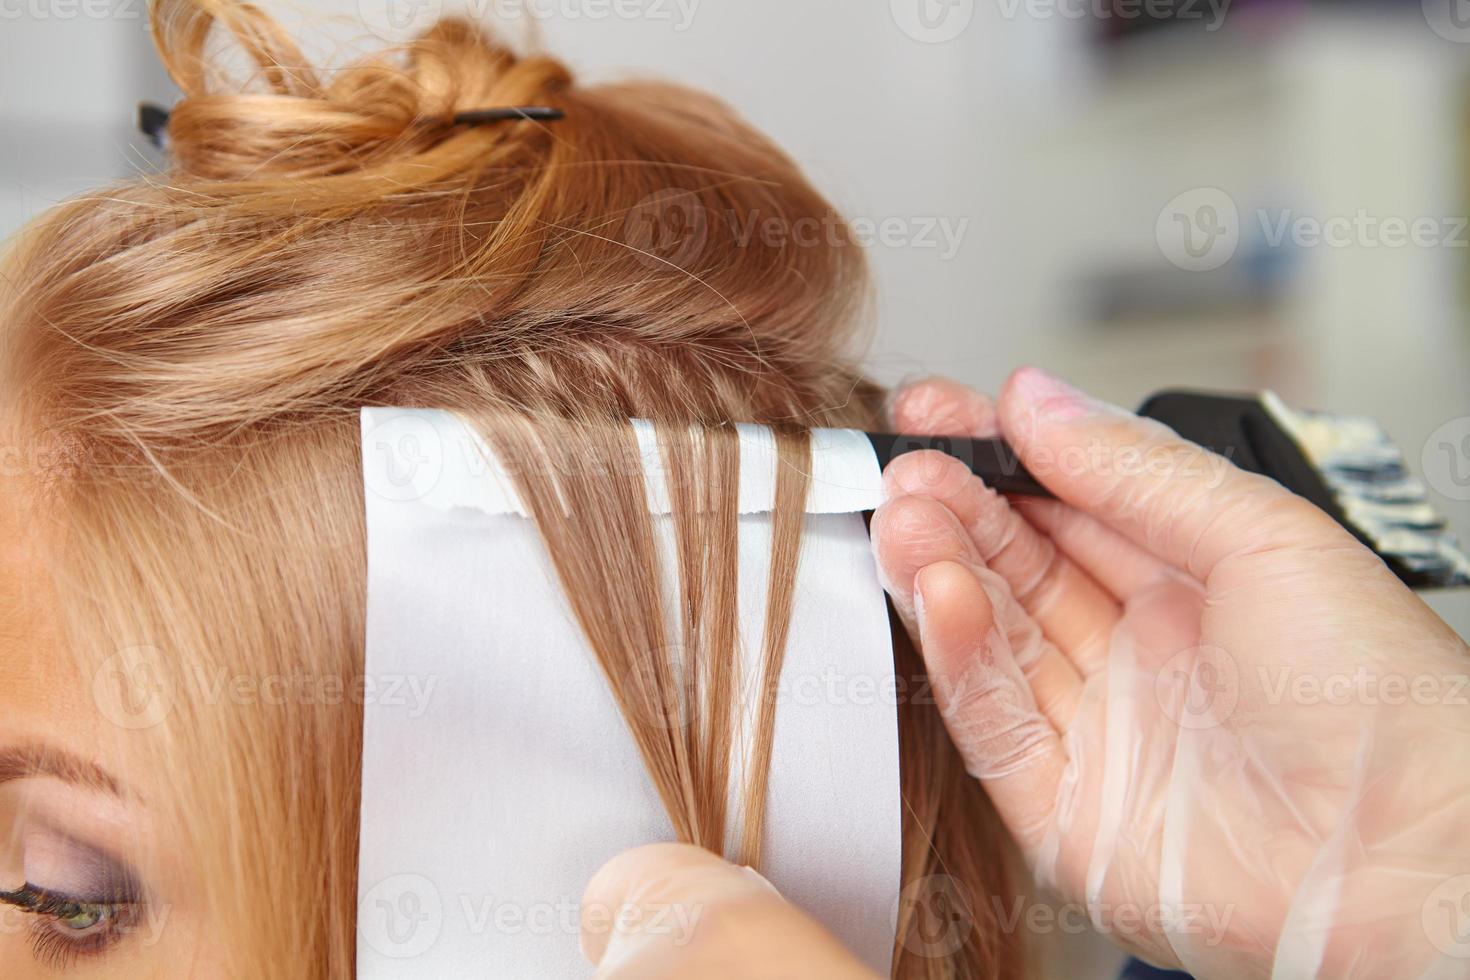 coiffeur ajouter de la couleur aux cheveux des femmes photo